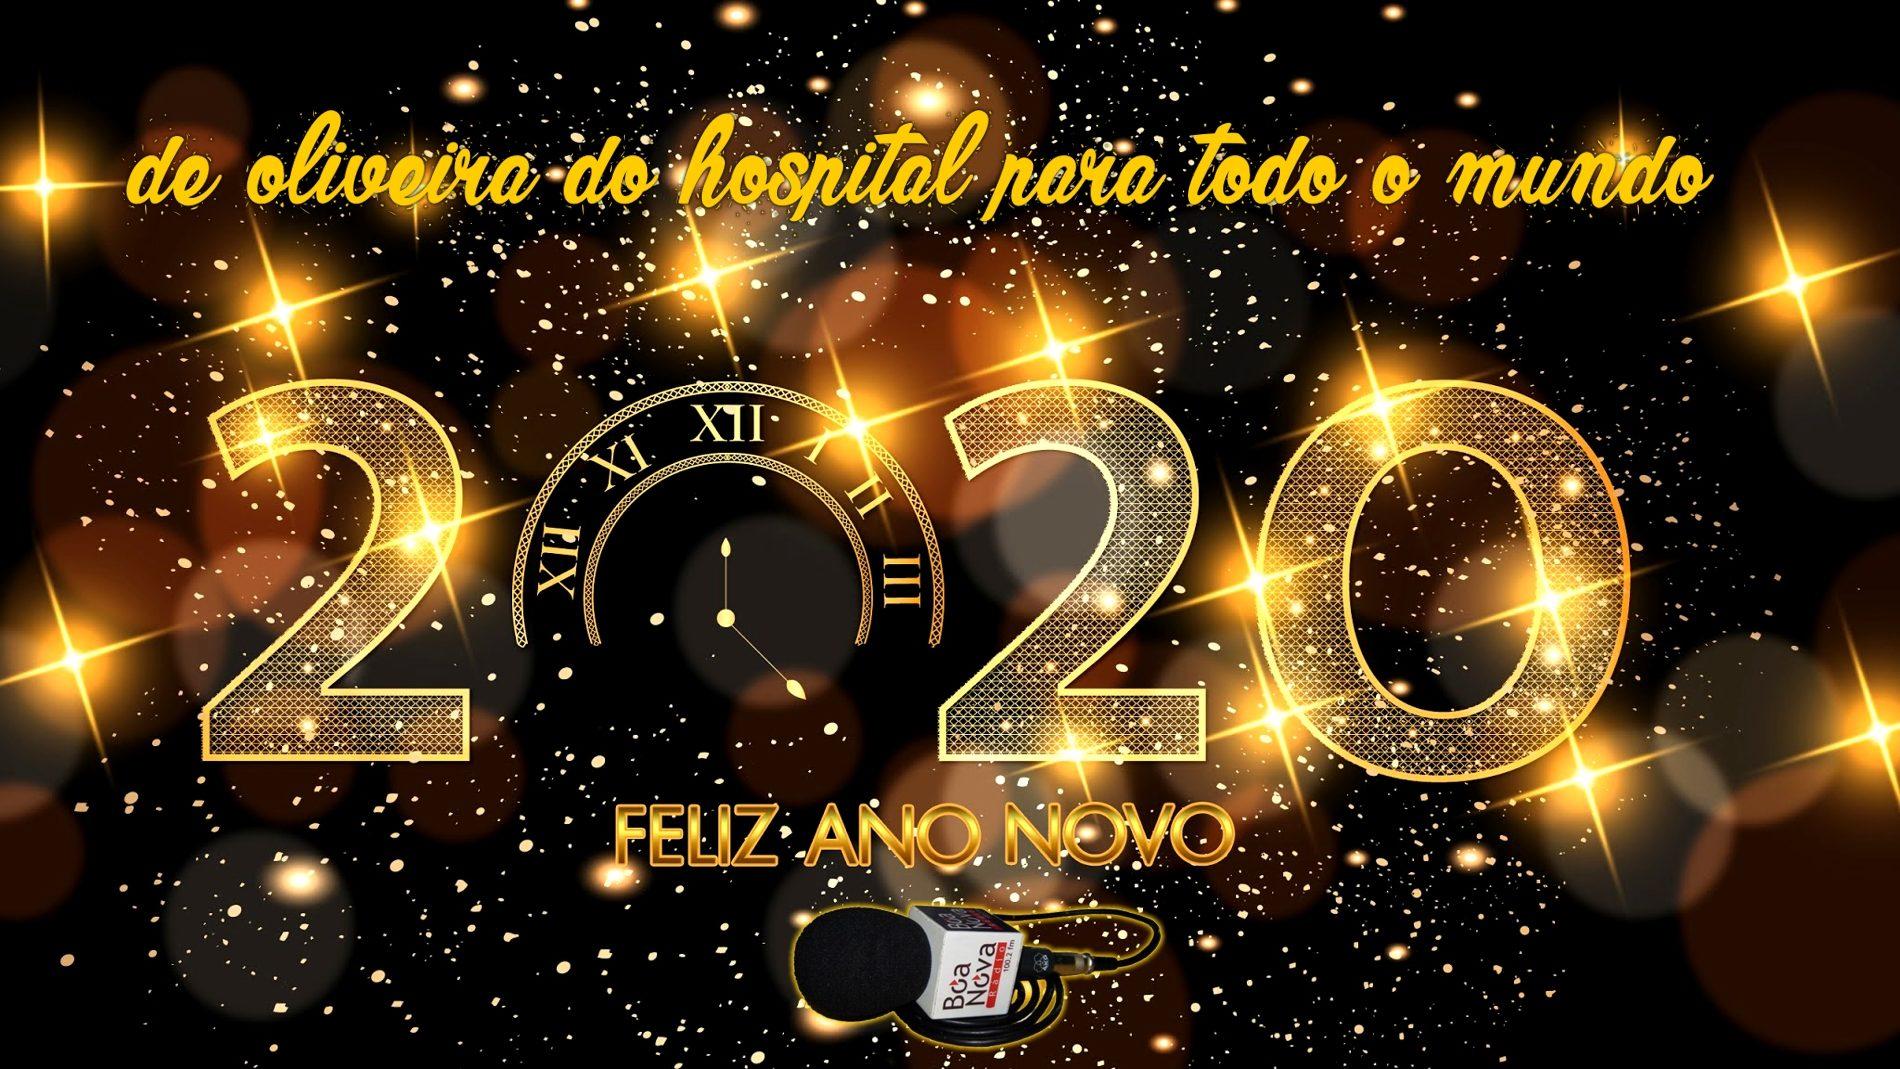 Toda a equipa da Rádio Boa Nova, deseja-lhe um excelente ano de 2020